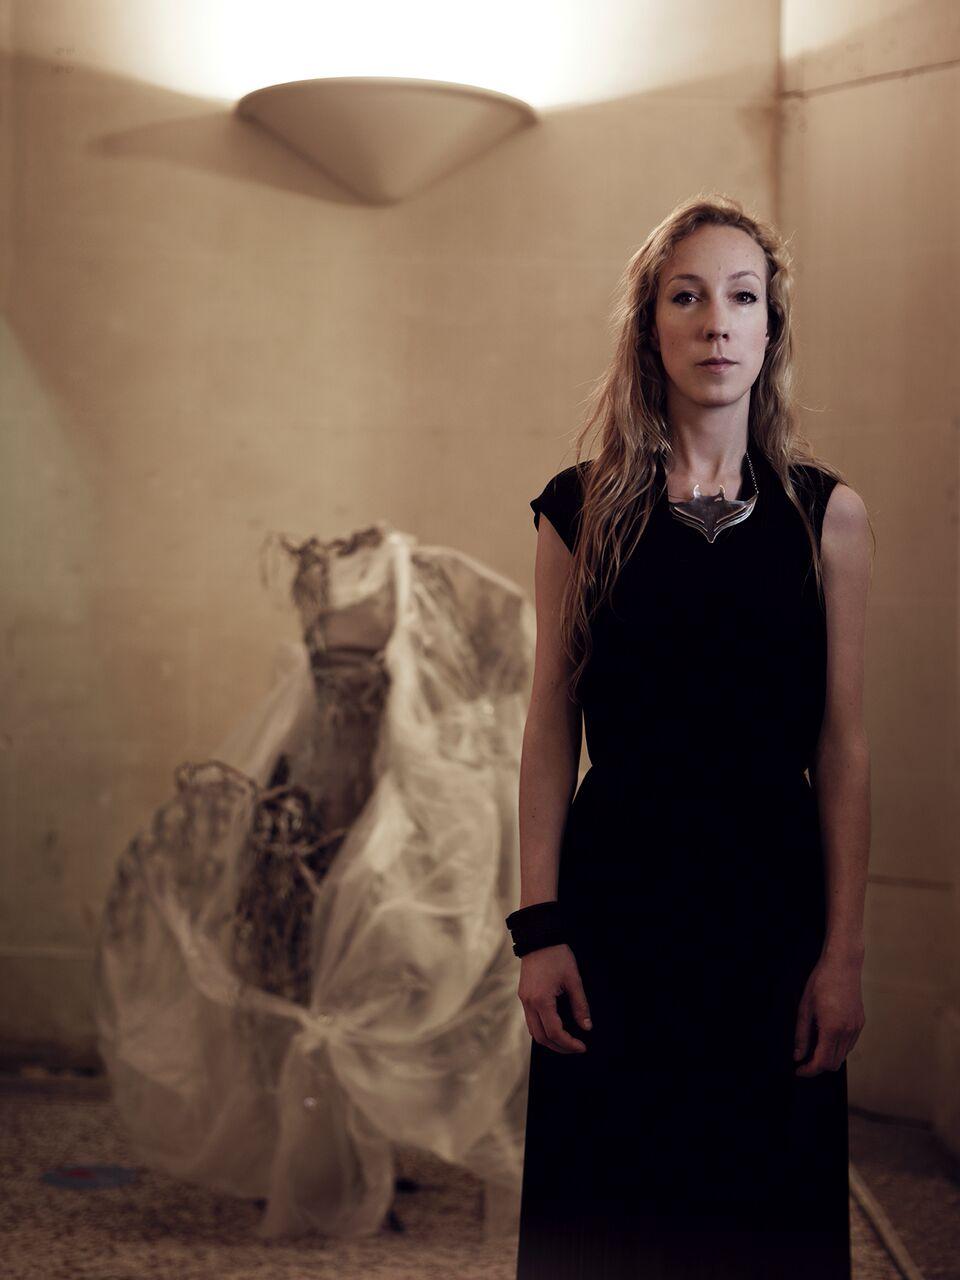 Iris van Herpen (b. 1984), Photo courtesy of Jean Baptiste Mondino and Iris van Herpen